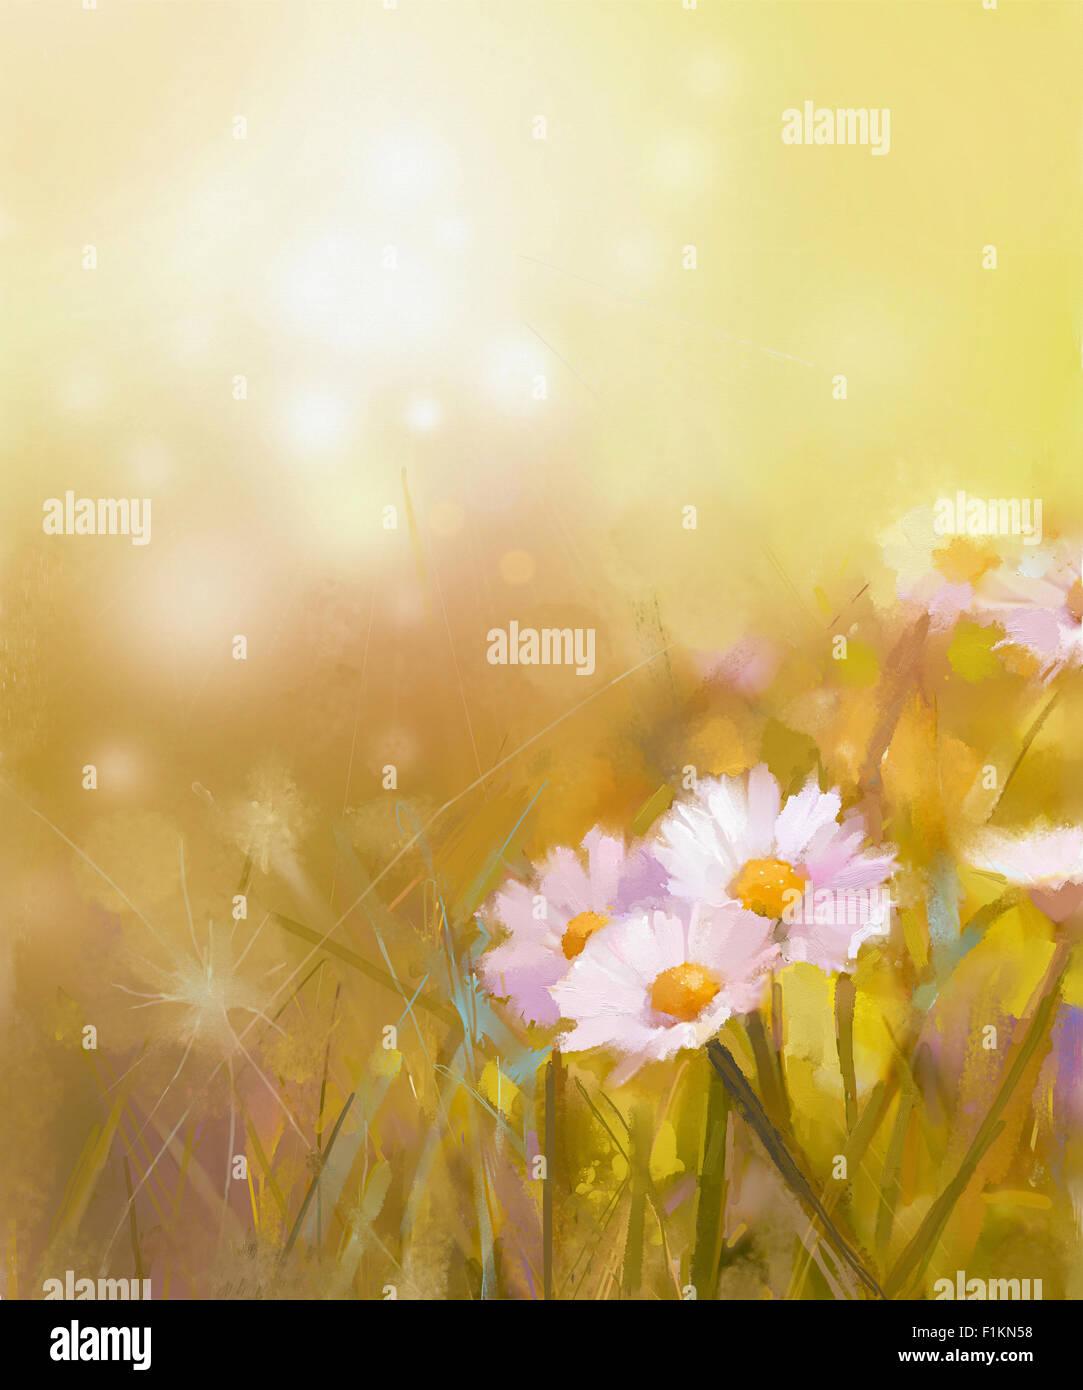 Pittura di olio Daisy bianca-i fiori di camomilla campo al sunrise.molla stagione di fiori selvaggi, colori soft Immagini Stock